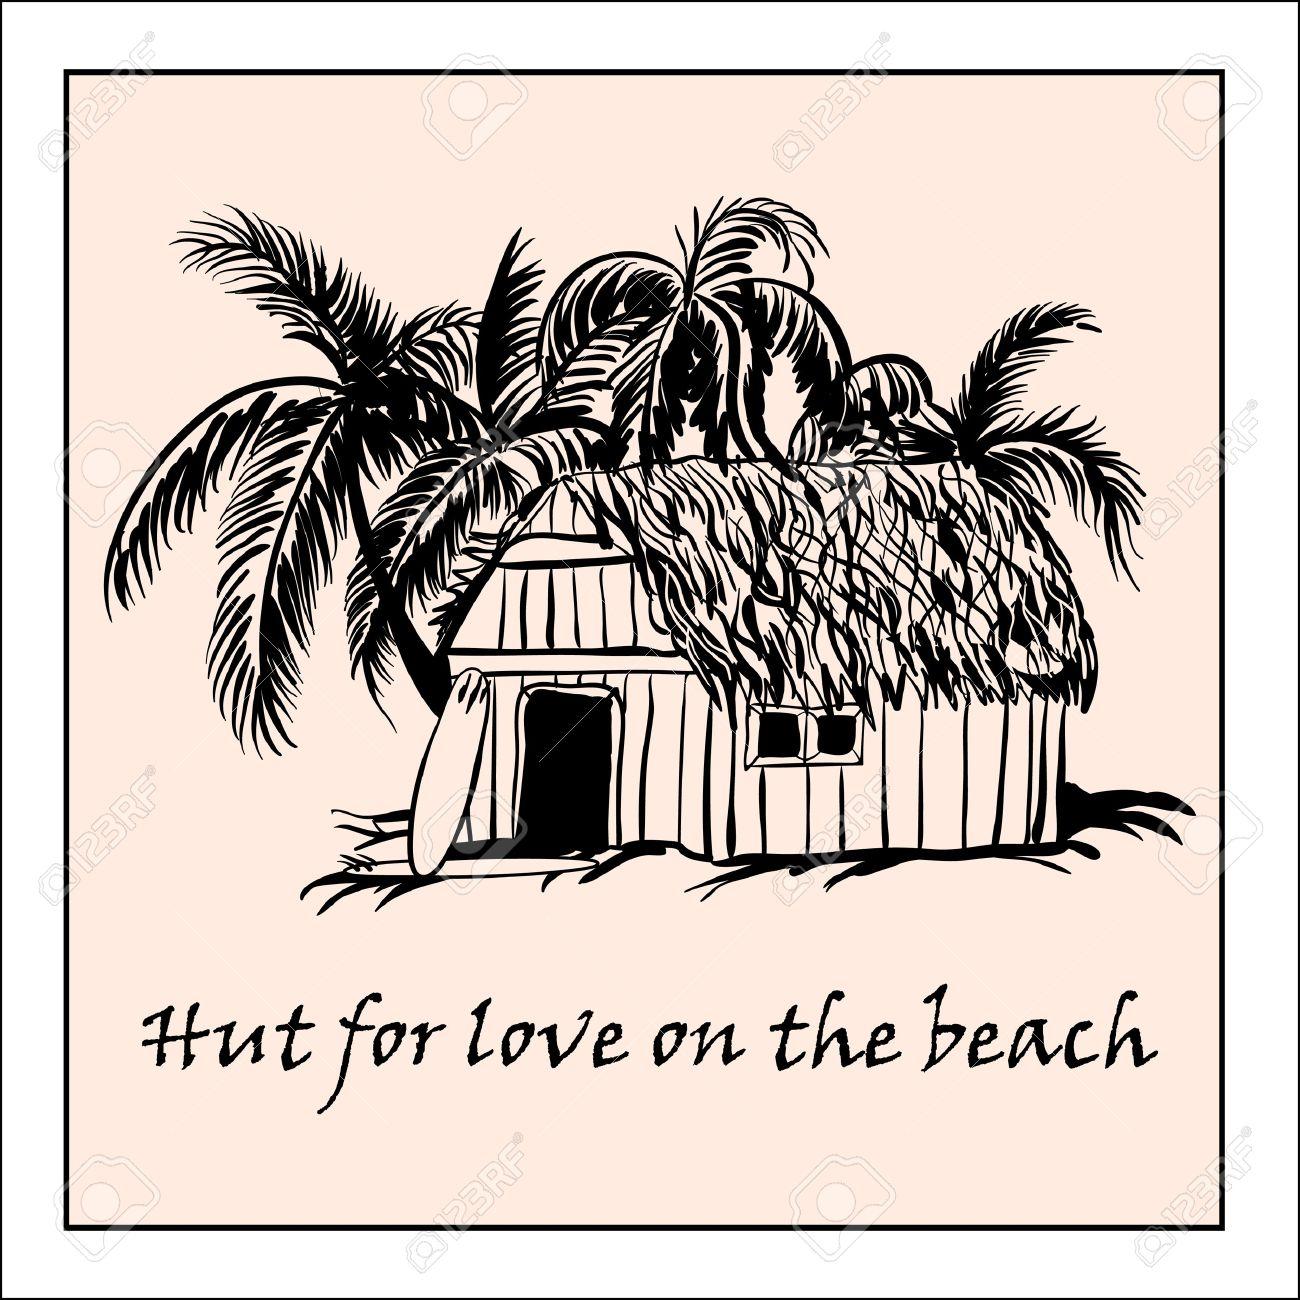 Rifugio Per L'amore Sulla Spiaggia Clipart Royalty.